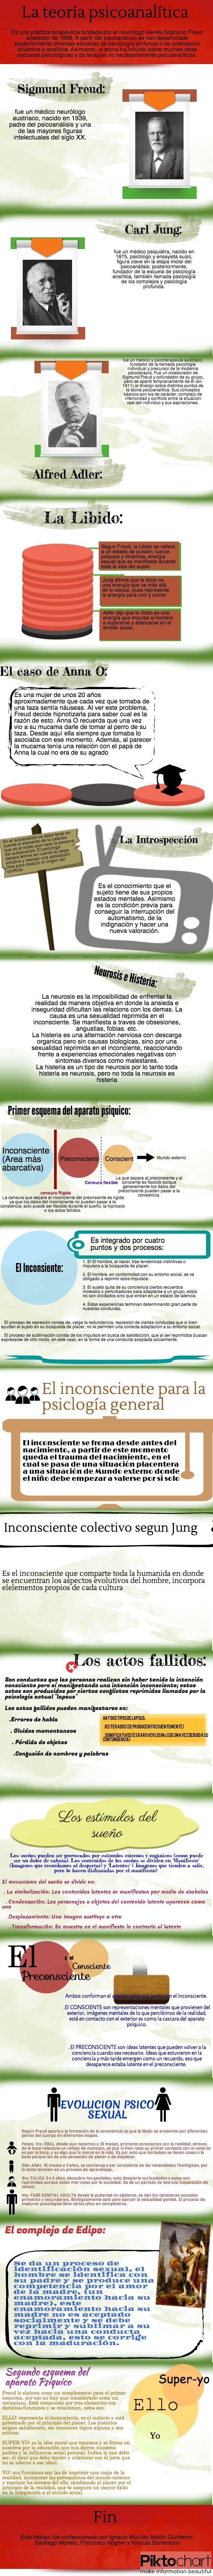 infografia sobre la psicoterapia